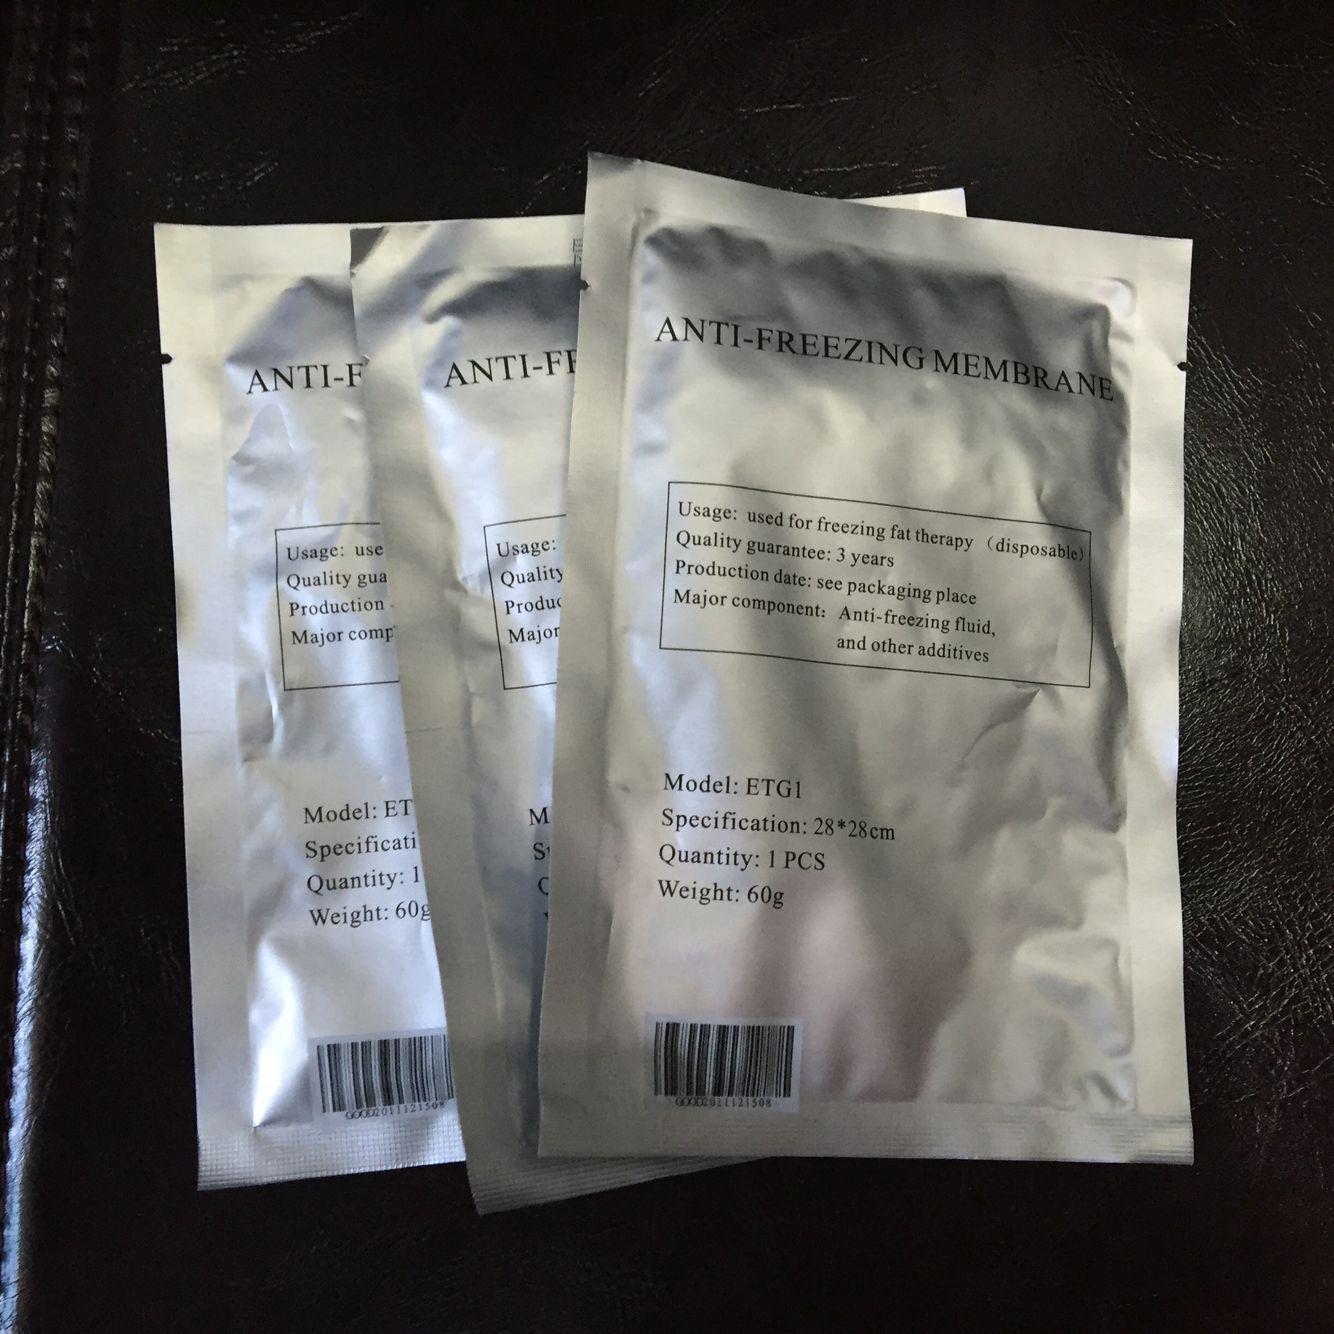 Anticongelante membranas Freeze Fat contra enfriamiento membrana anticongelante almohadilla de gel para la grasa crioterapia congelación fresco esculpir tratamiento libre de DHL